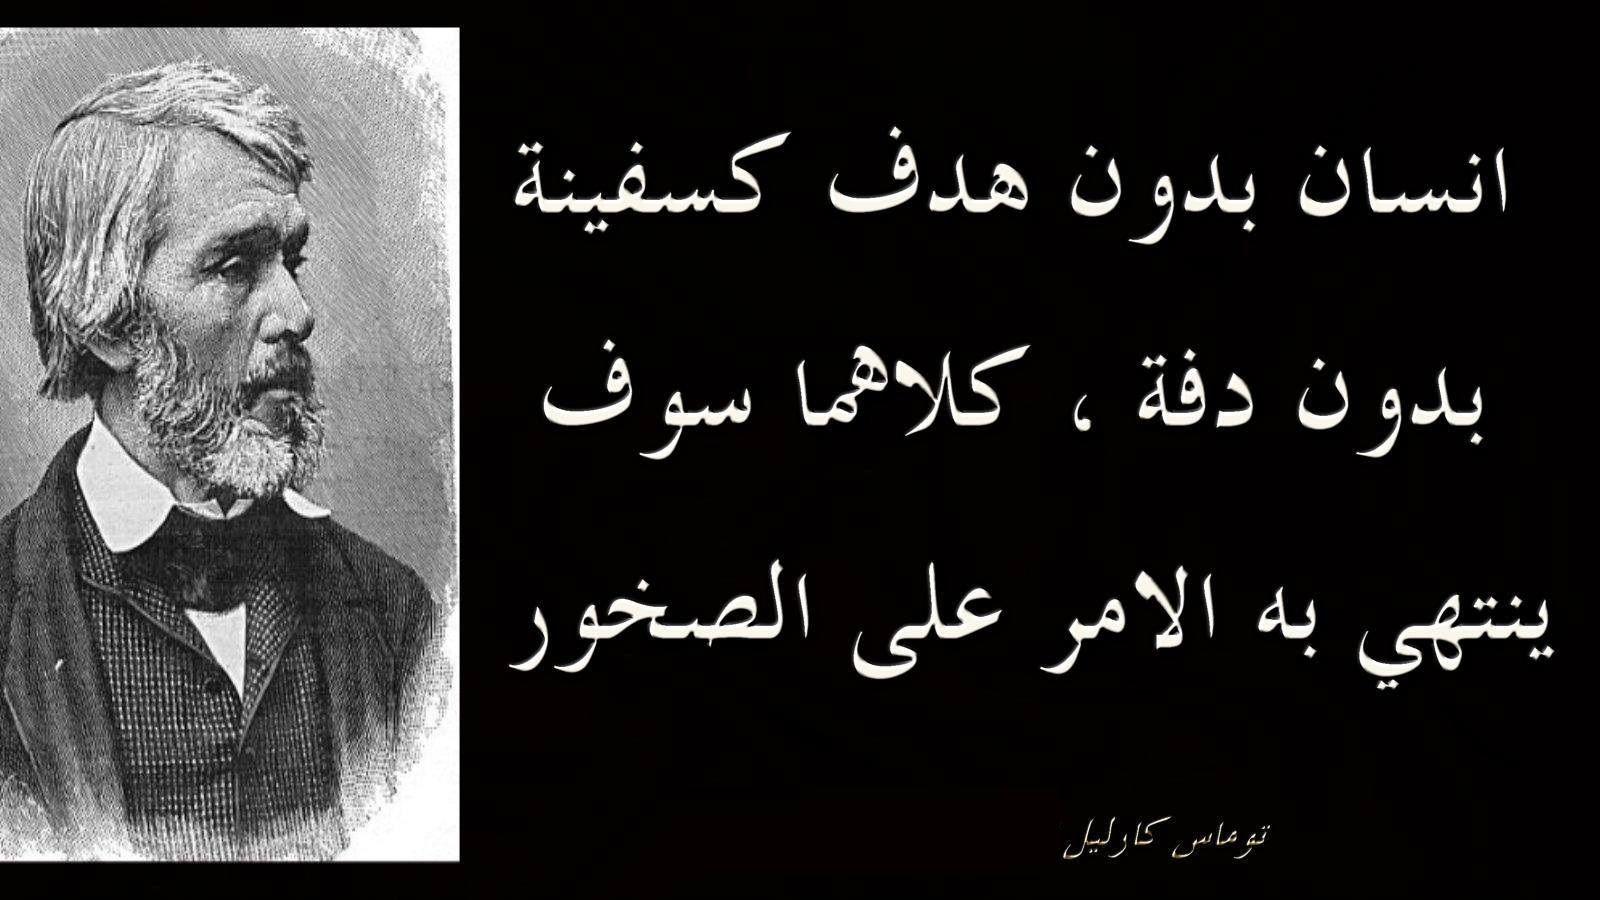 ولد هتلر في صفحة 10 ومات في صفحة 55 للتفاصيل ارجو الرجوع للكتاب هههههههه Funny Photo Memes Arabic Funny Kdrama Funny